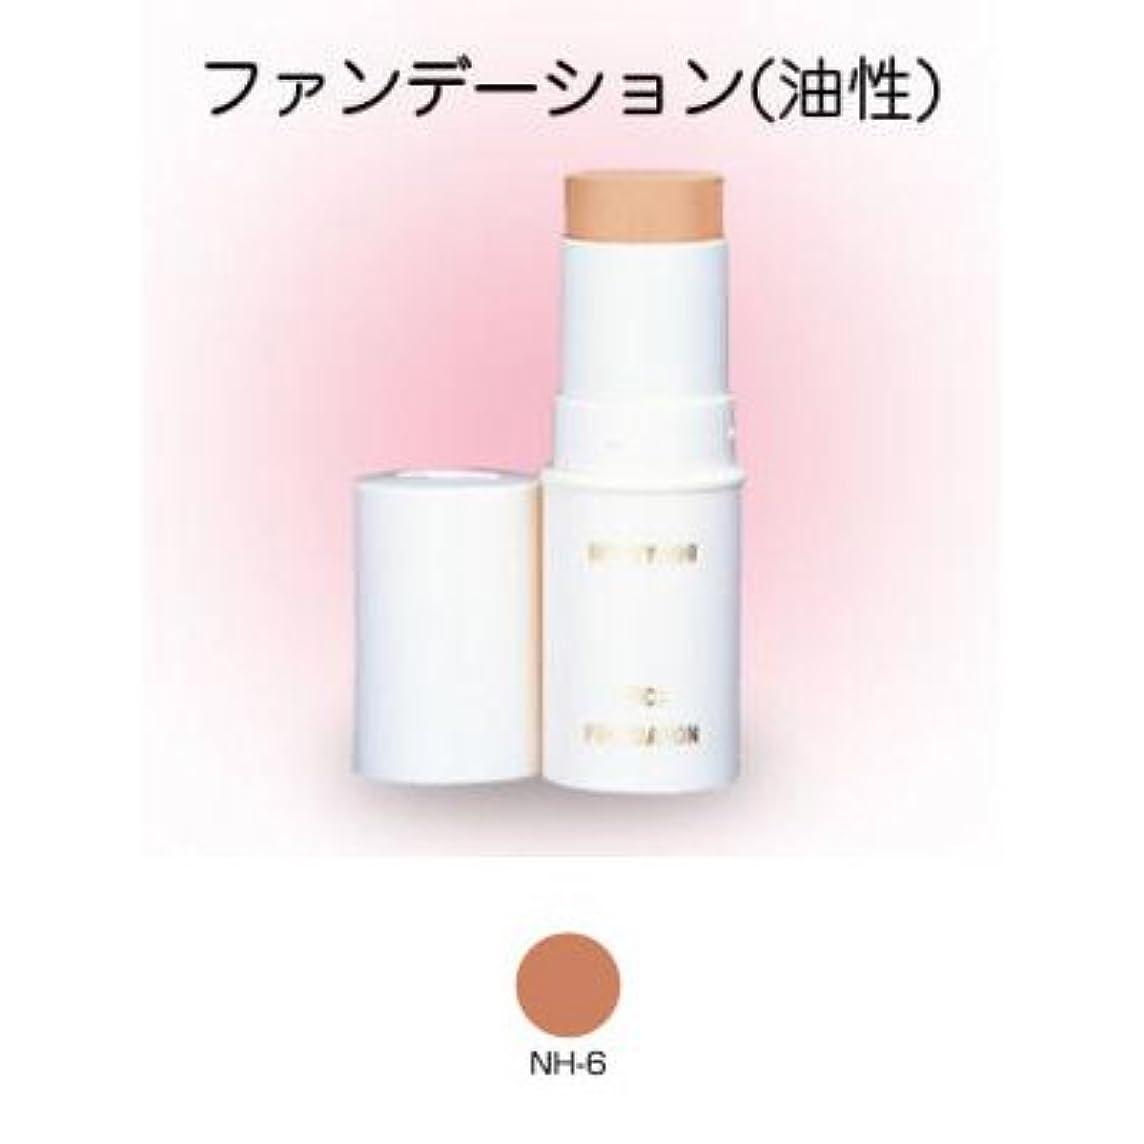 ラッシュクッションパトロンスティックファンデーション 16g NH-6 【三善】